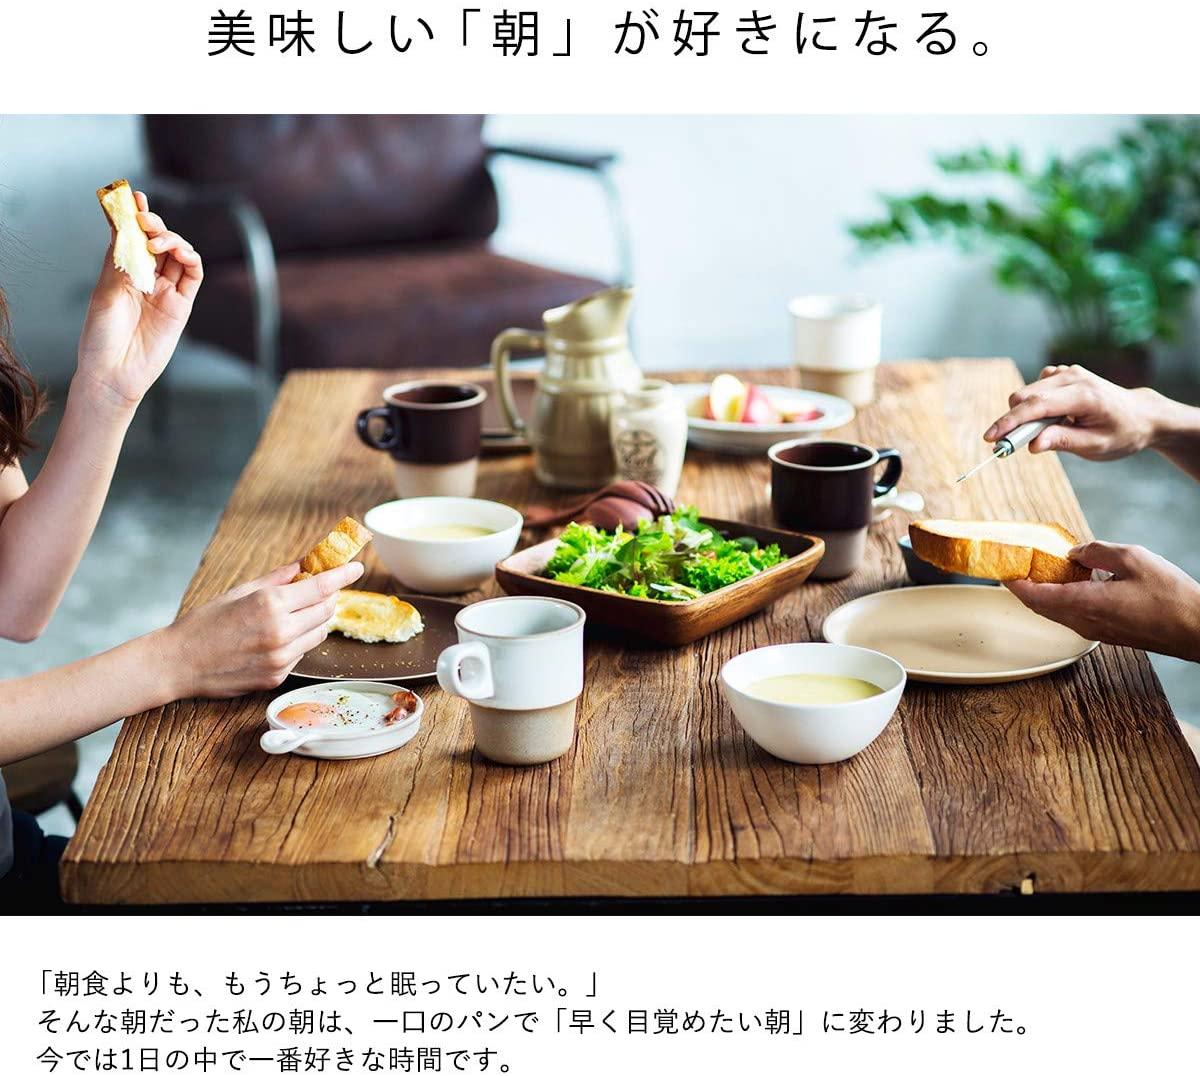 タイガー魔法瓶(TIGER) オーブントースターKAE-G13Nの商品画像4